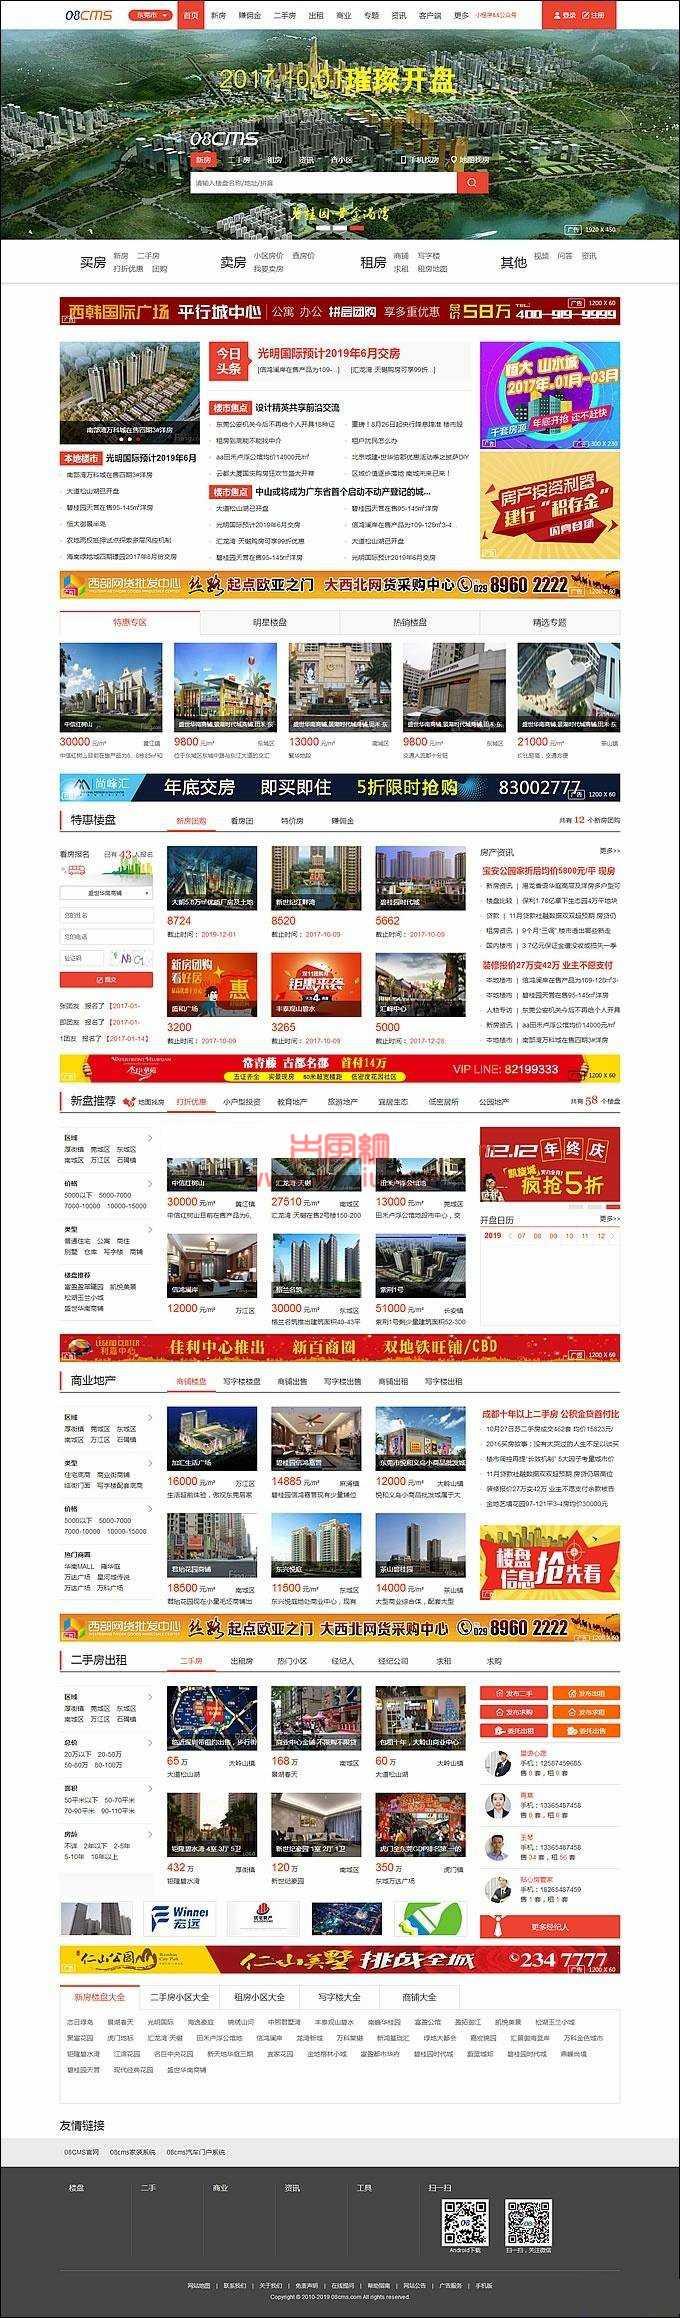 【PHP】大型房产门户08cms多城市商业版V8.4.0.0